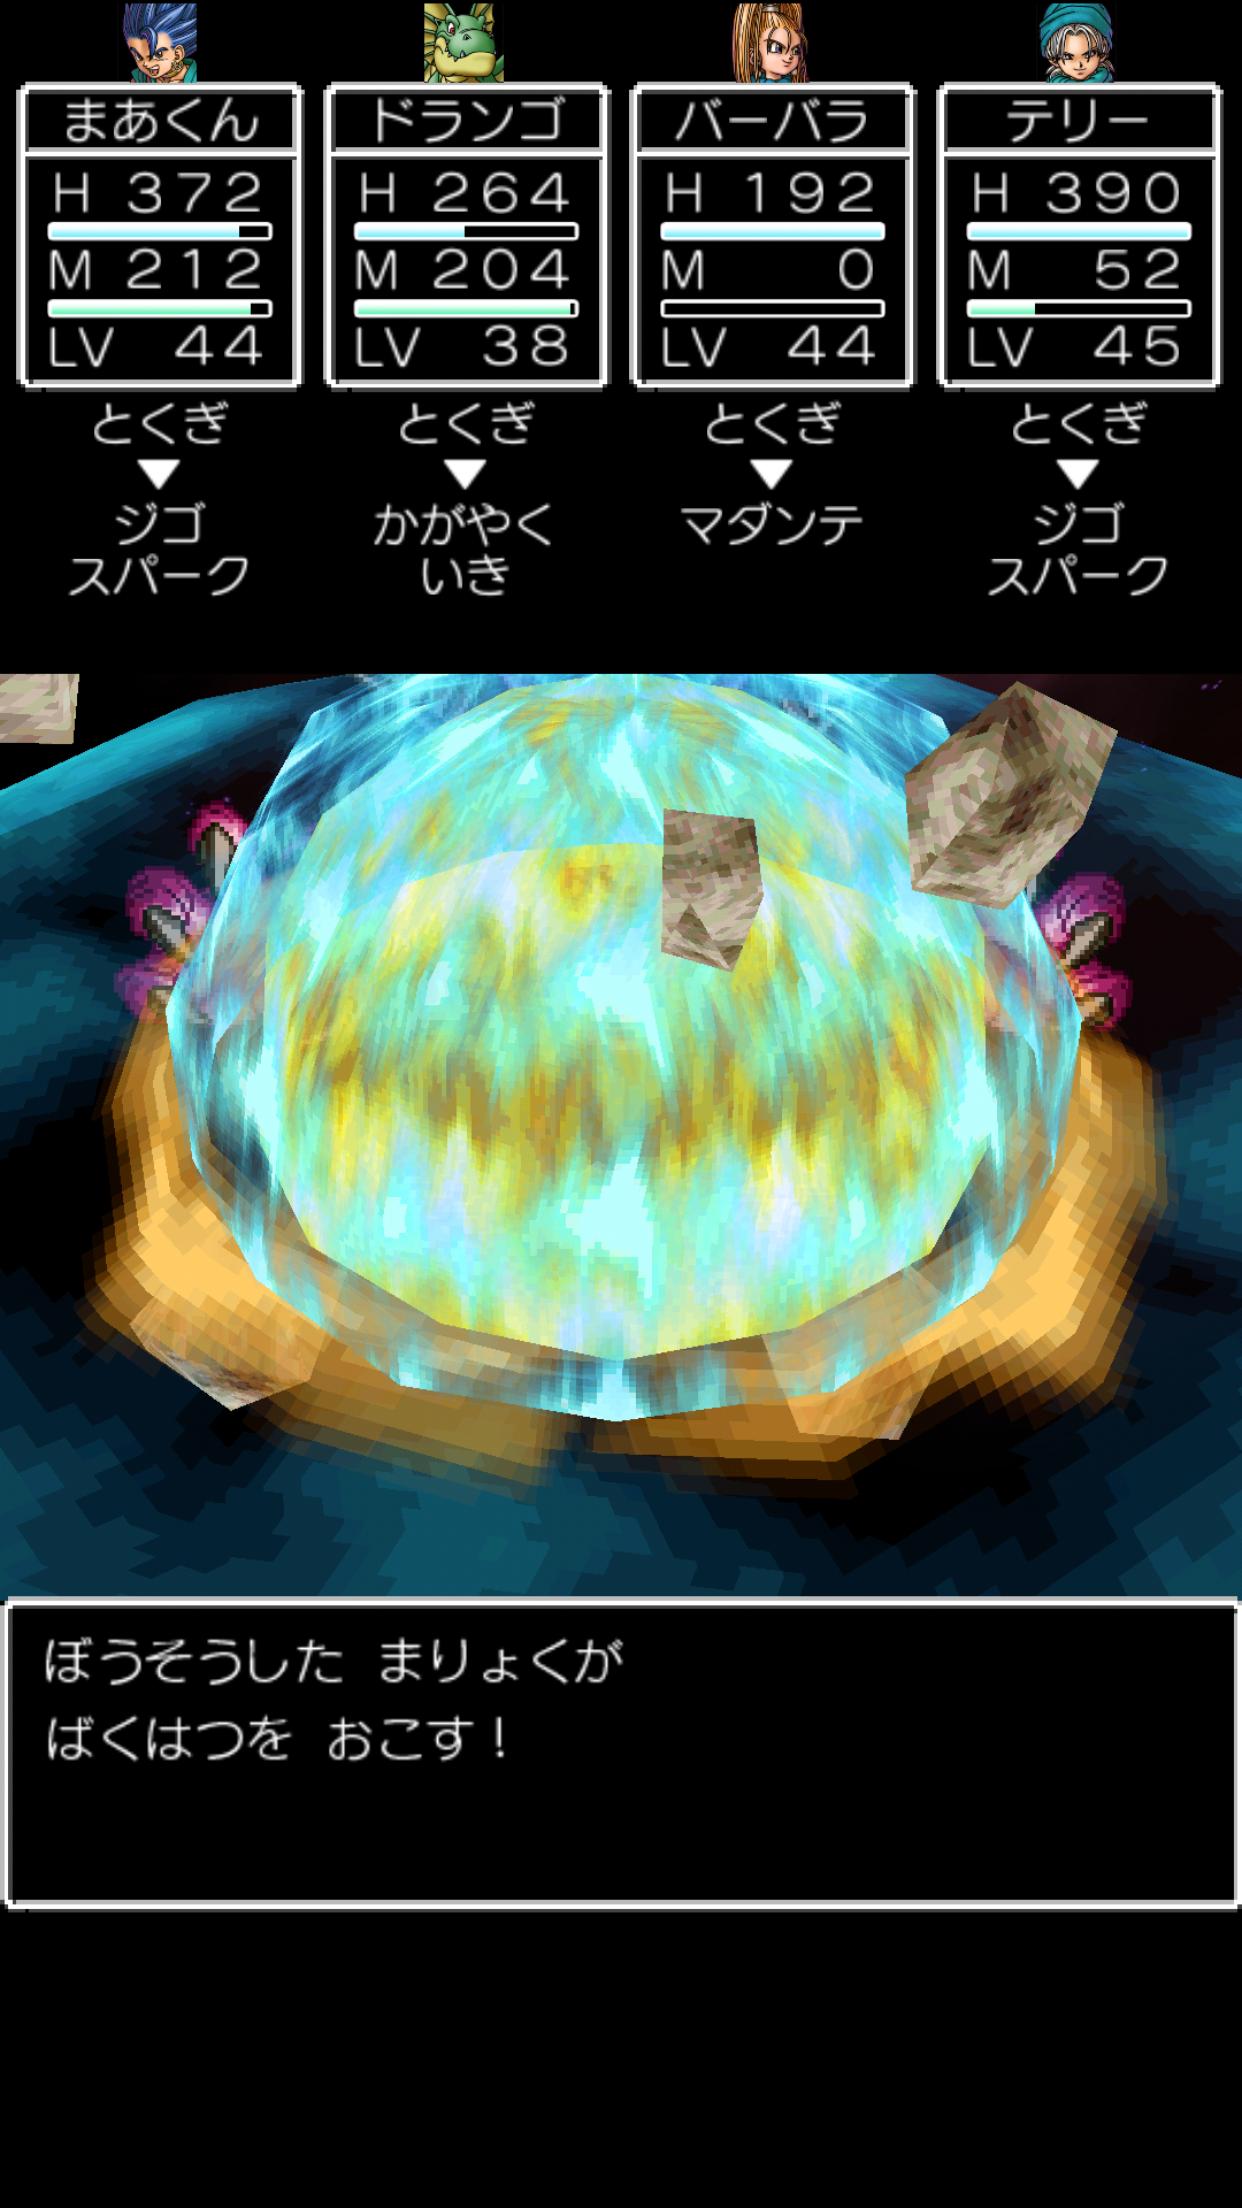 f:id:masanori-kato1972:20190613175359p:image